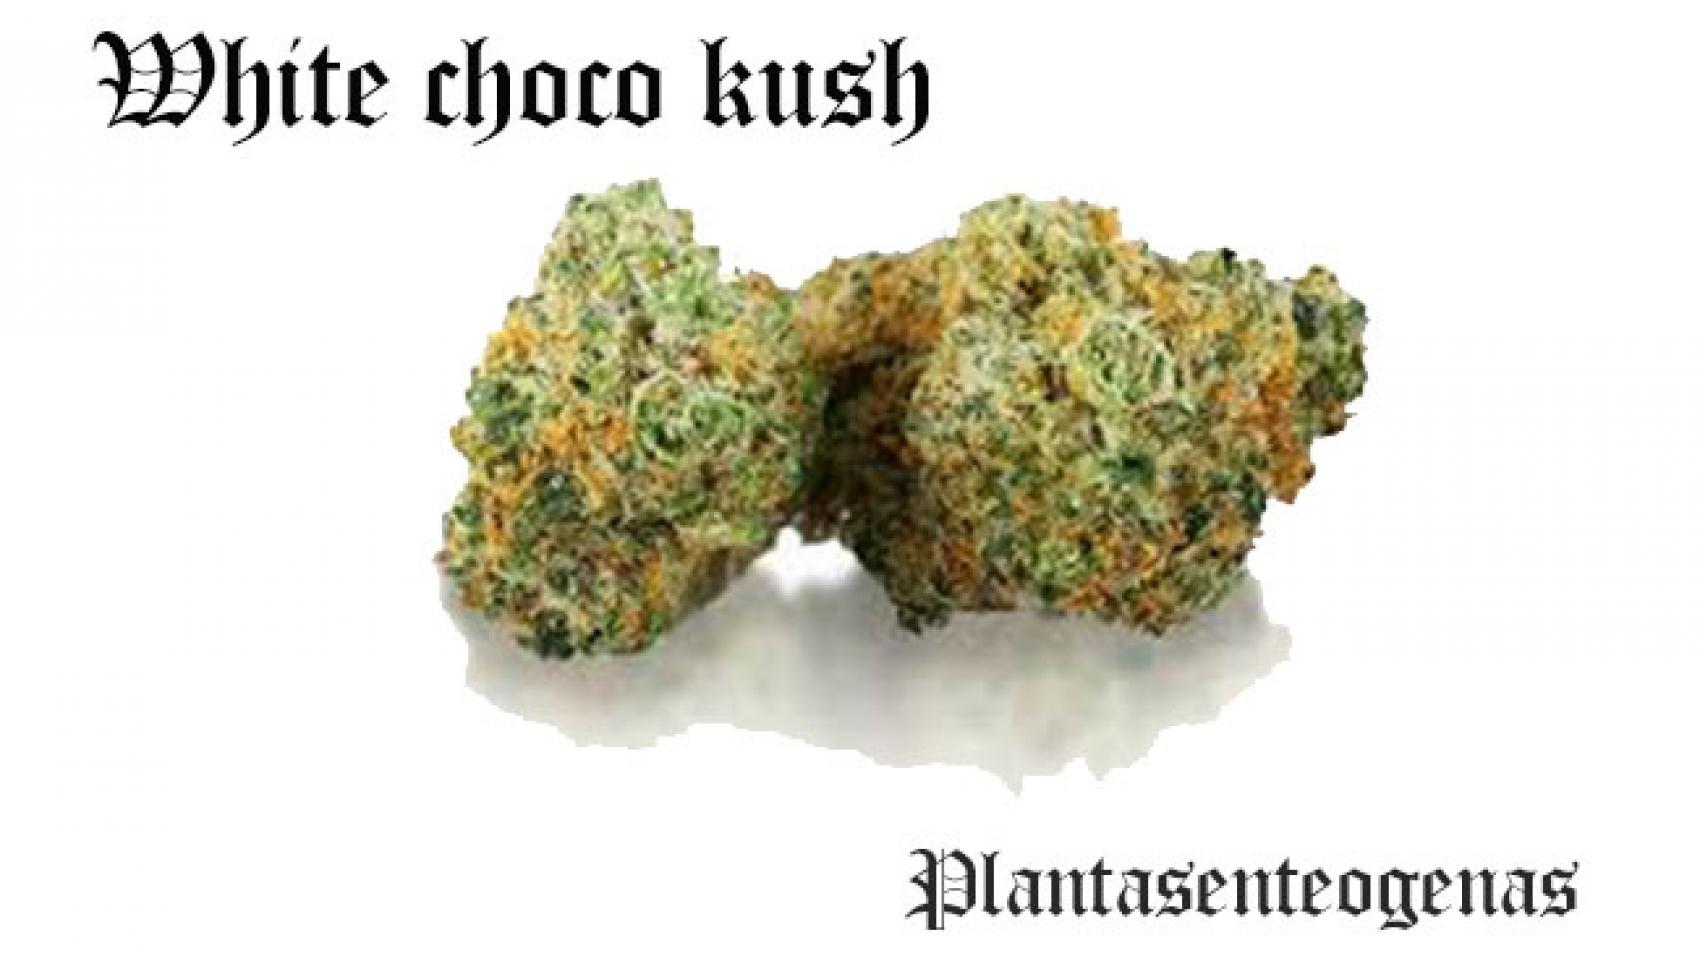 White choco kush